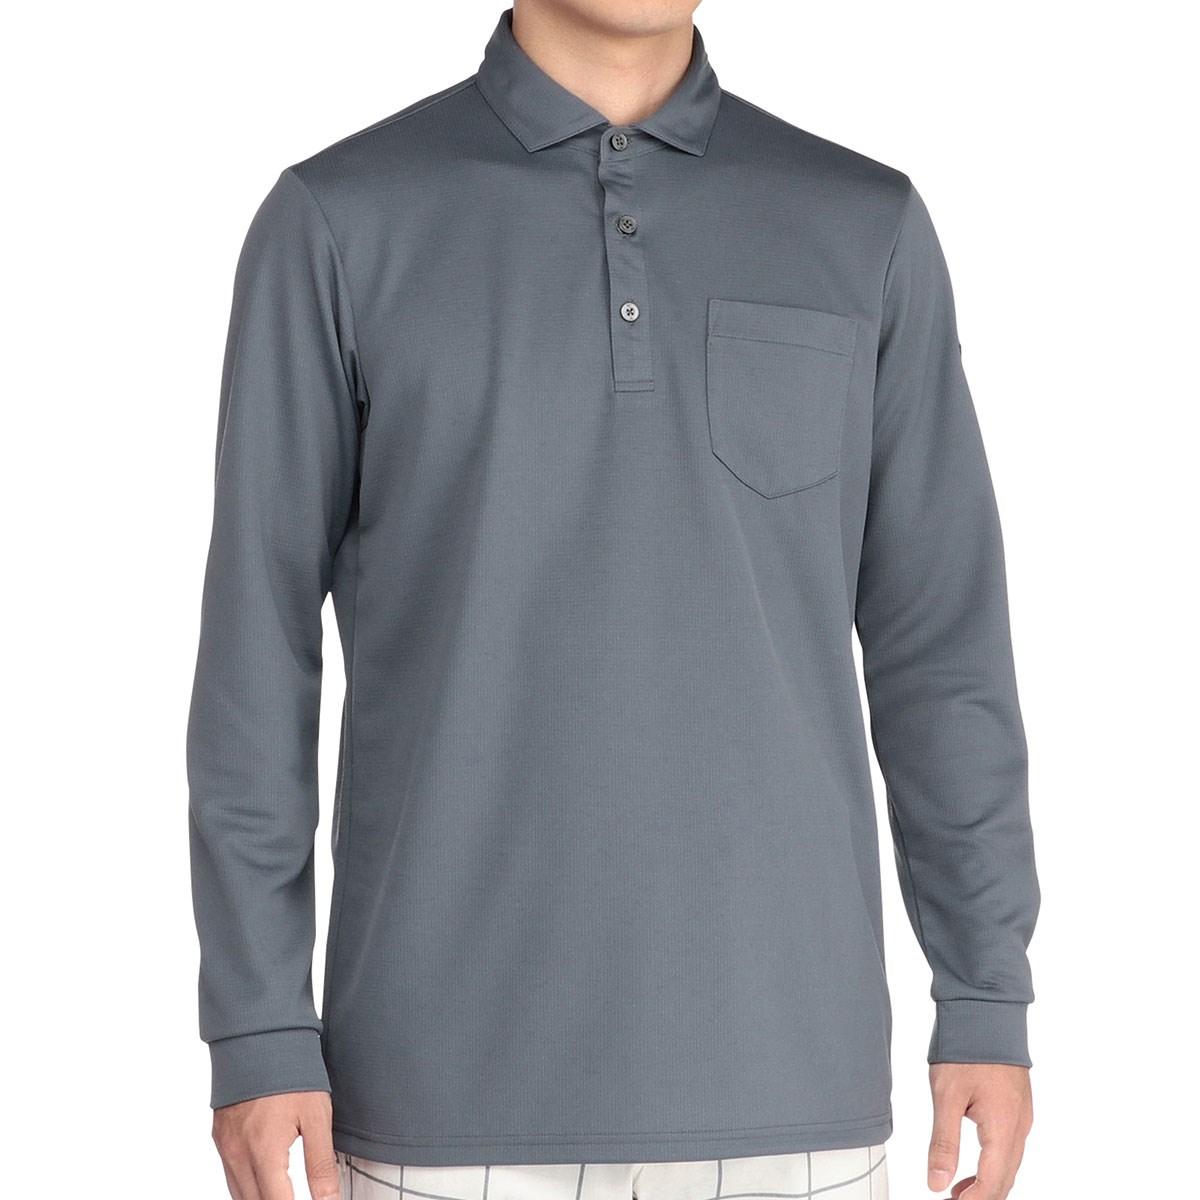 ミズノ MIZUNO ブレスサーモ ポケット付き長袖ポロシャツ XL グレー 05